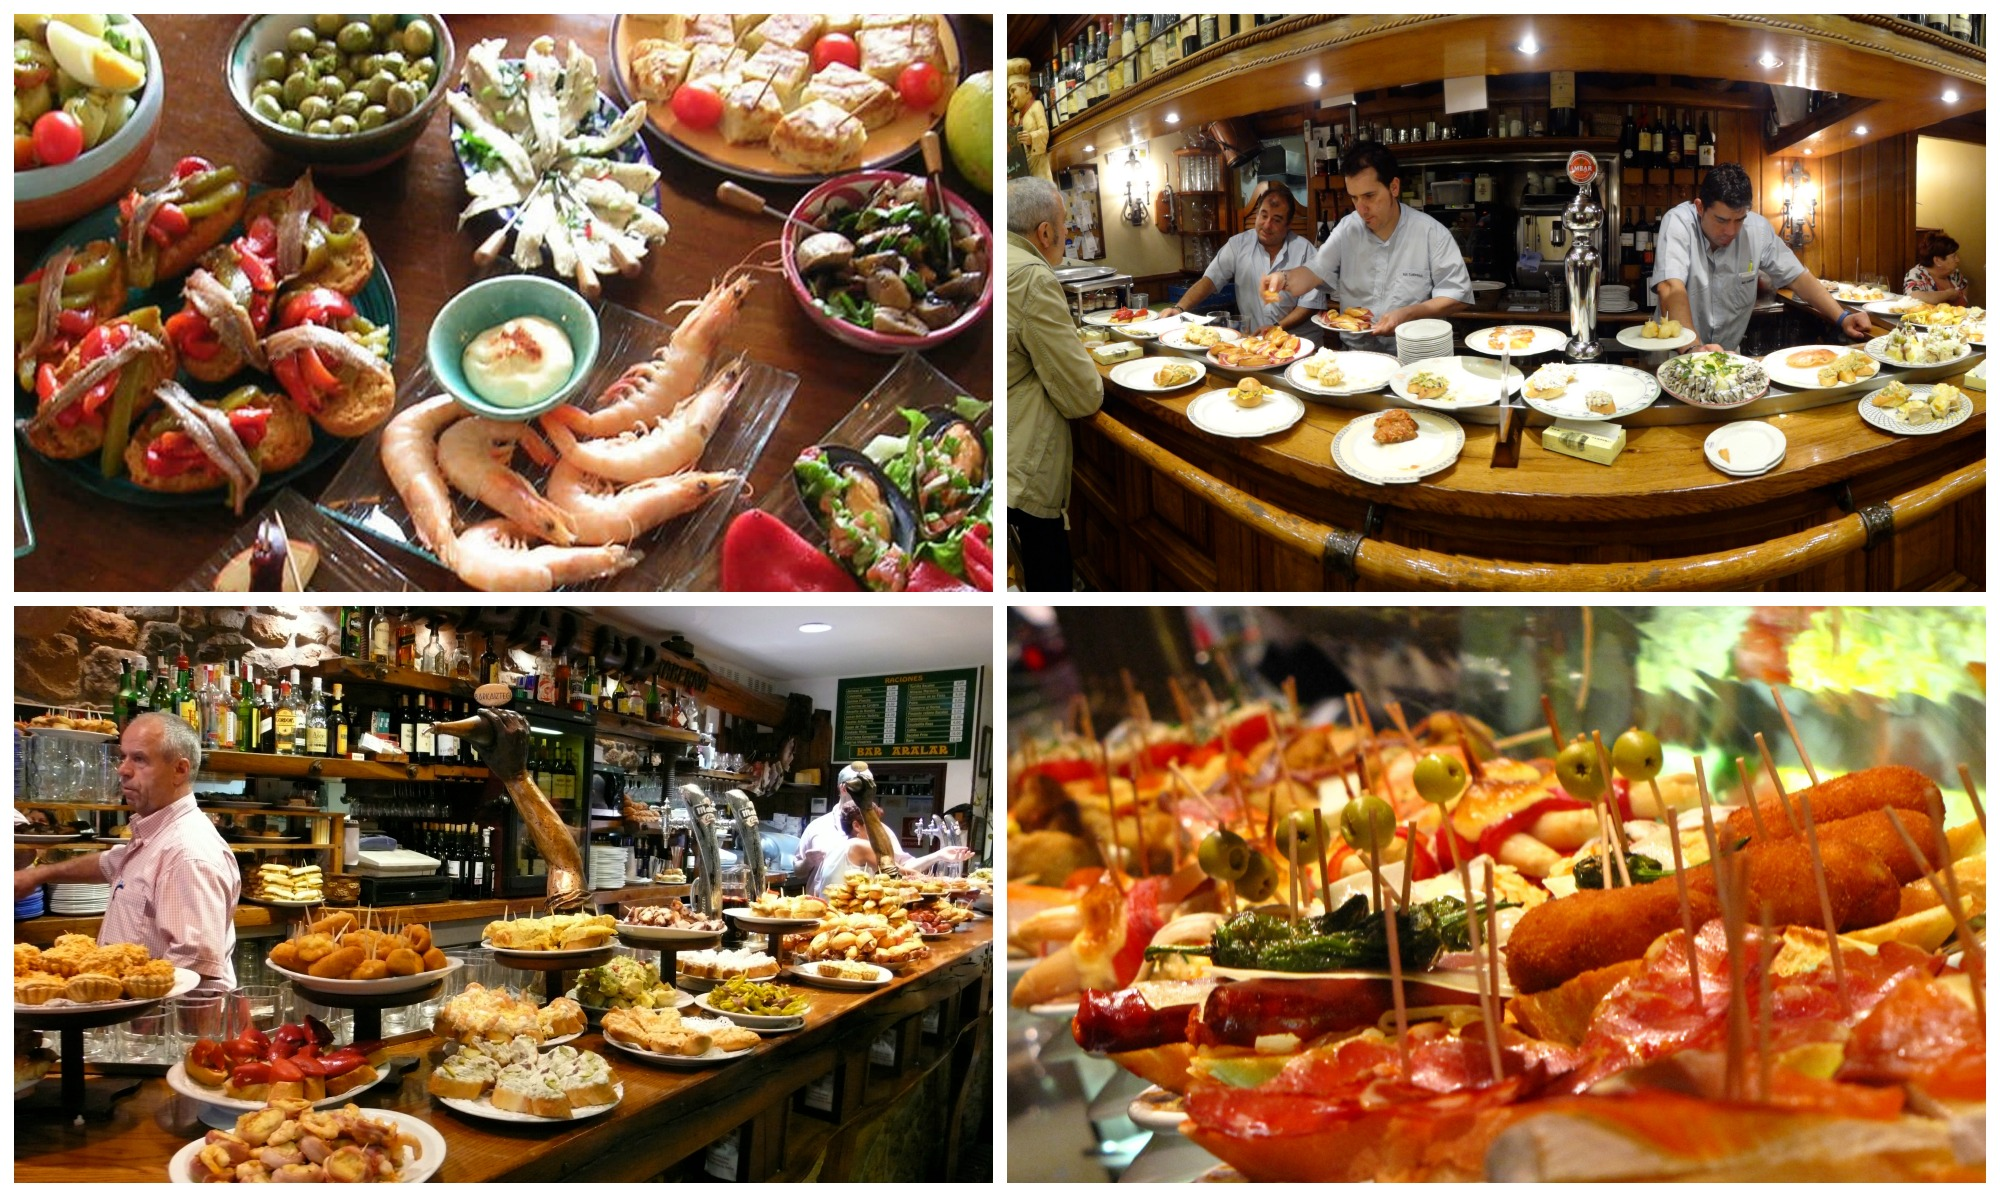 tapas bars in barcelona bar where eat tapa